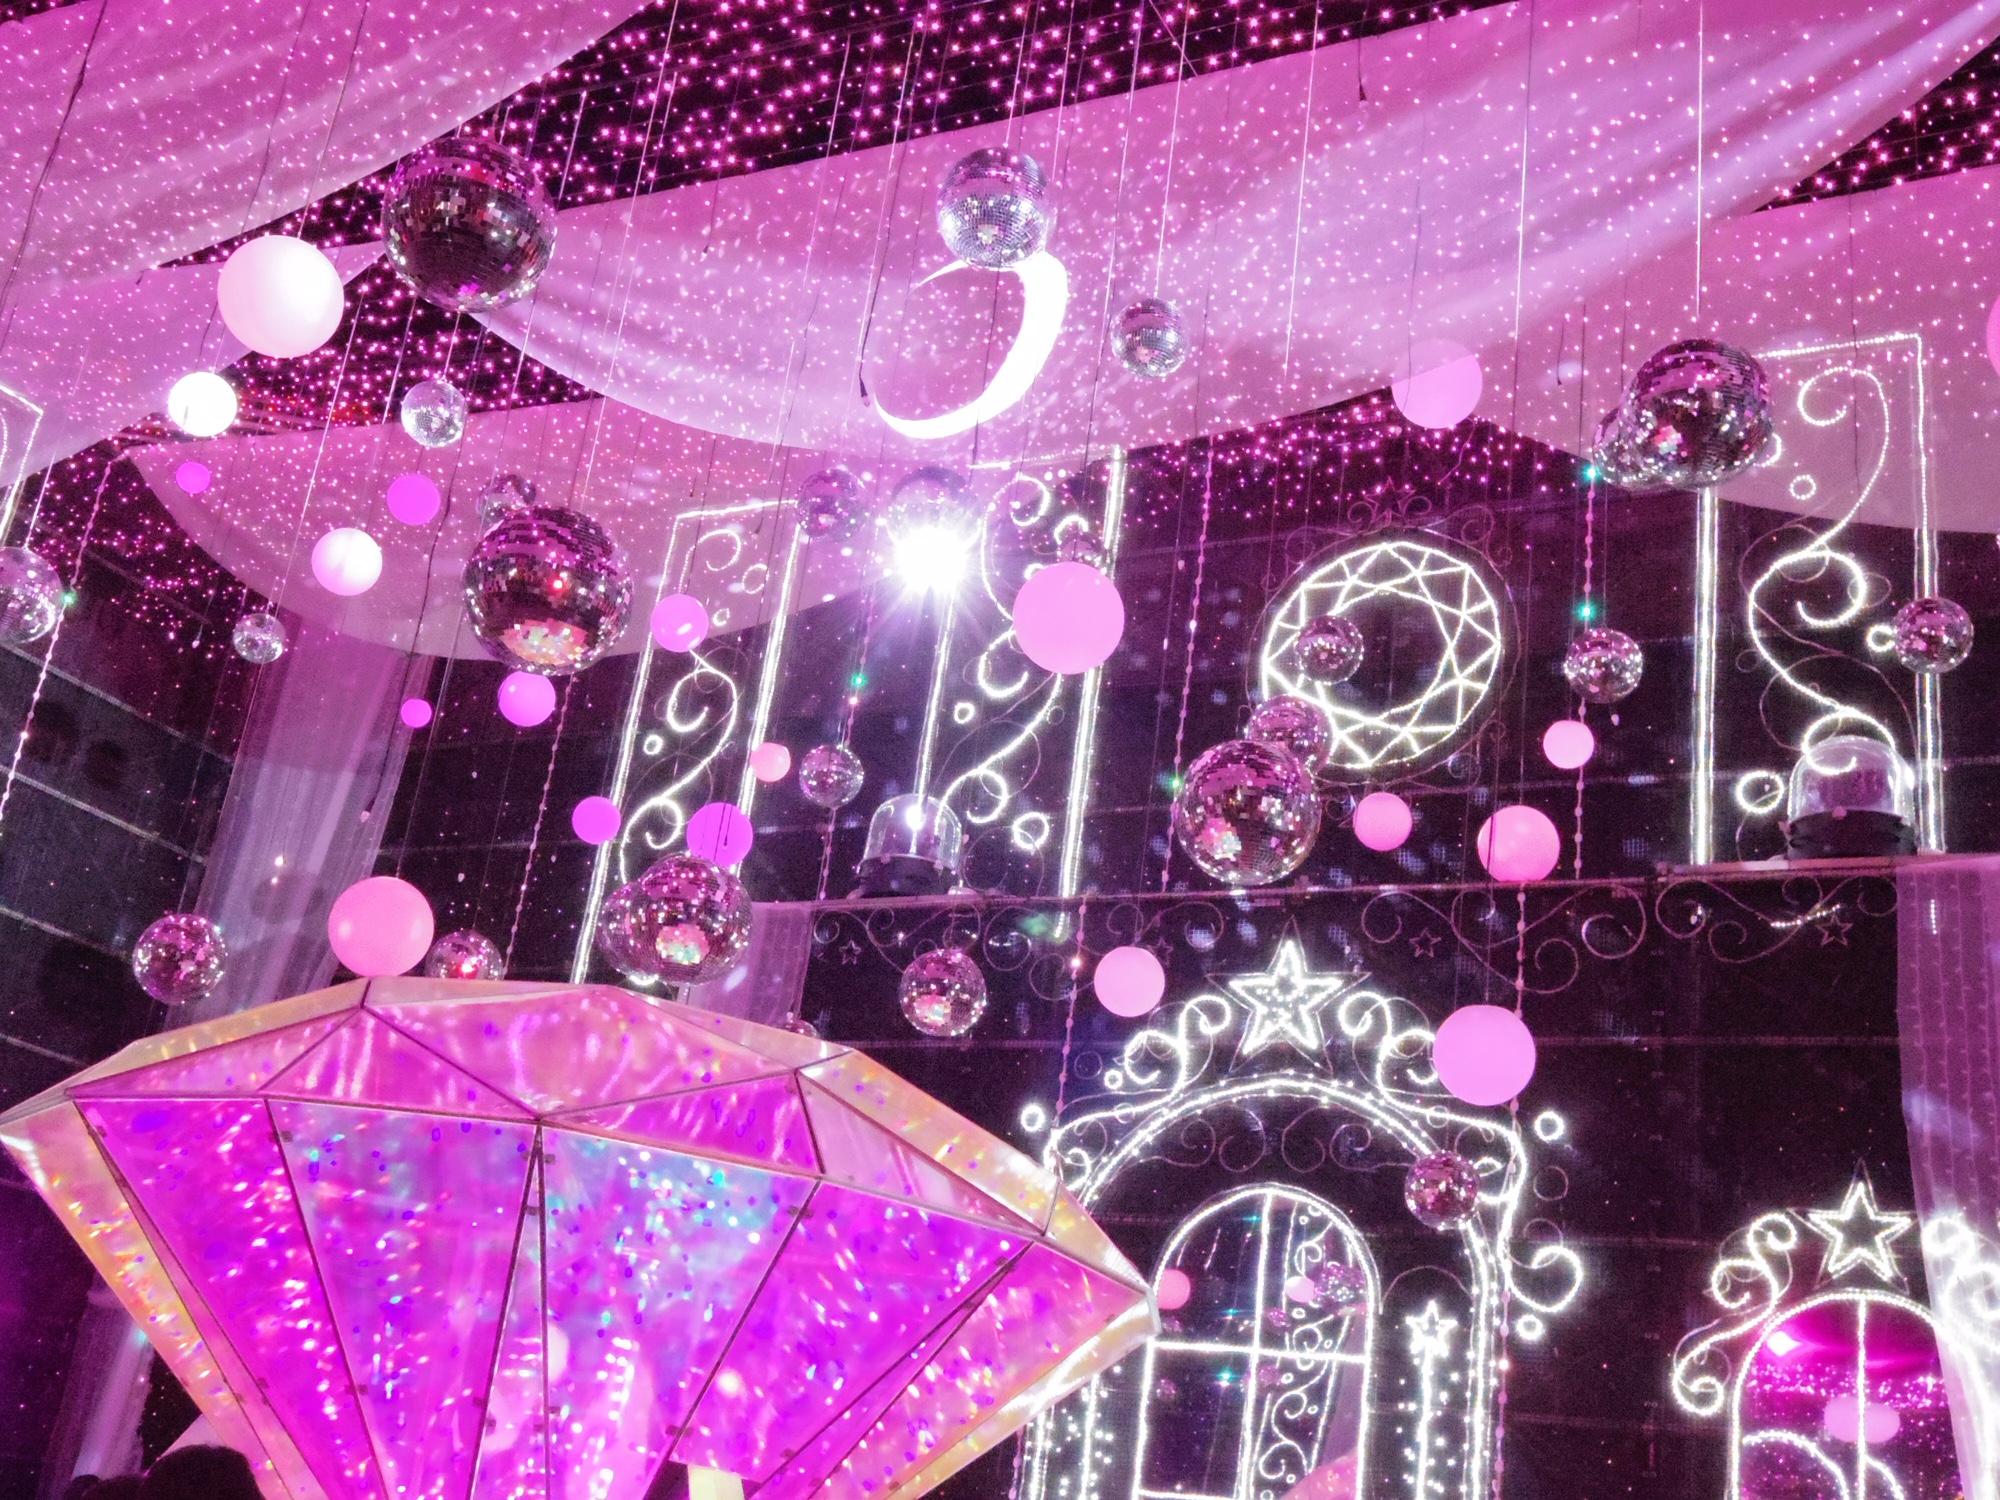 【ドラマ「ダメ恋」のロケ地】イルミネーションならさがみ湖イルミリオン_2